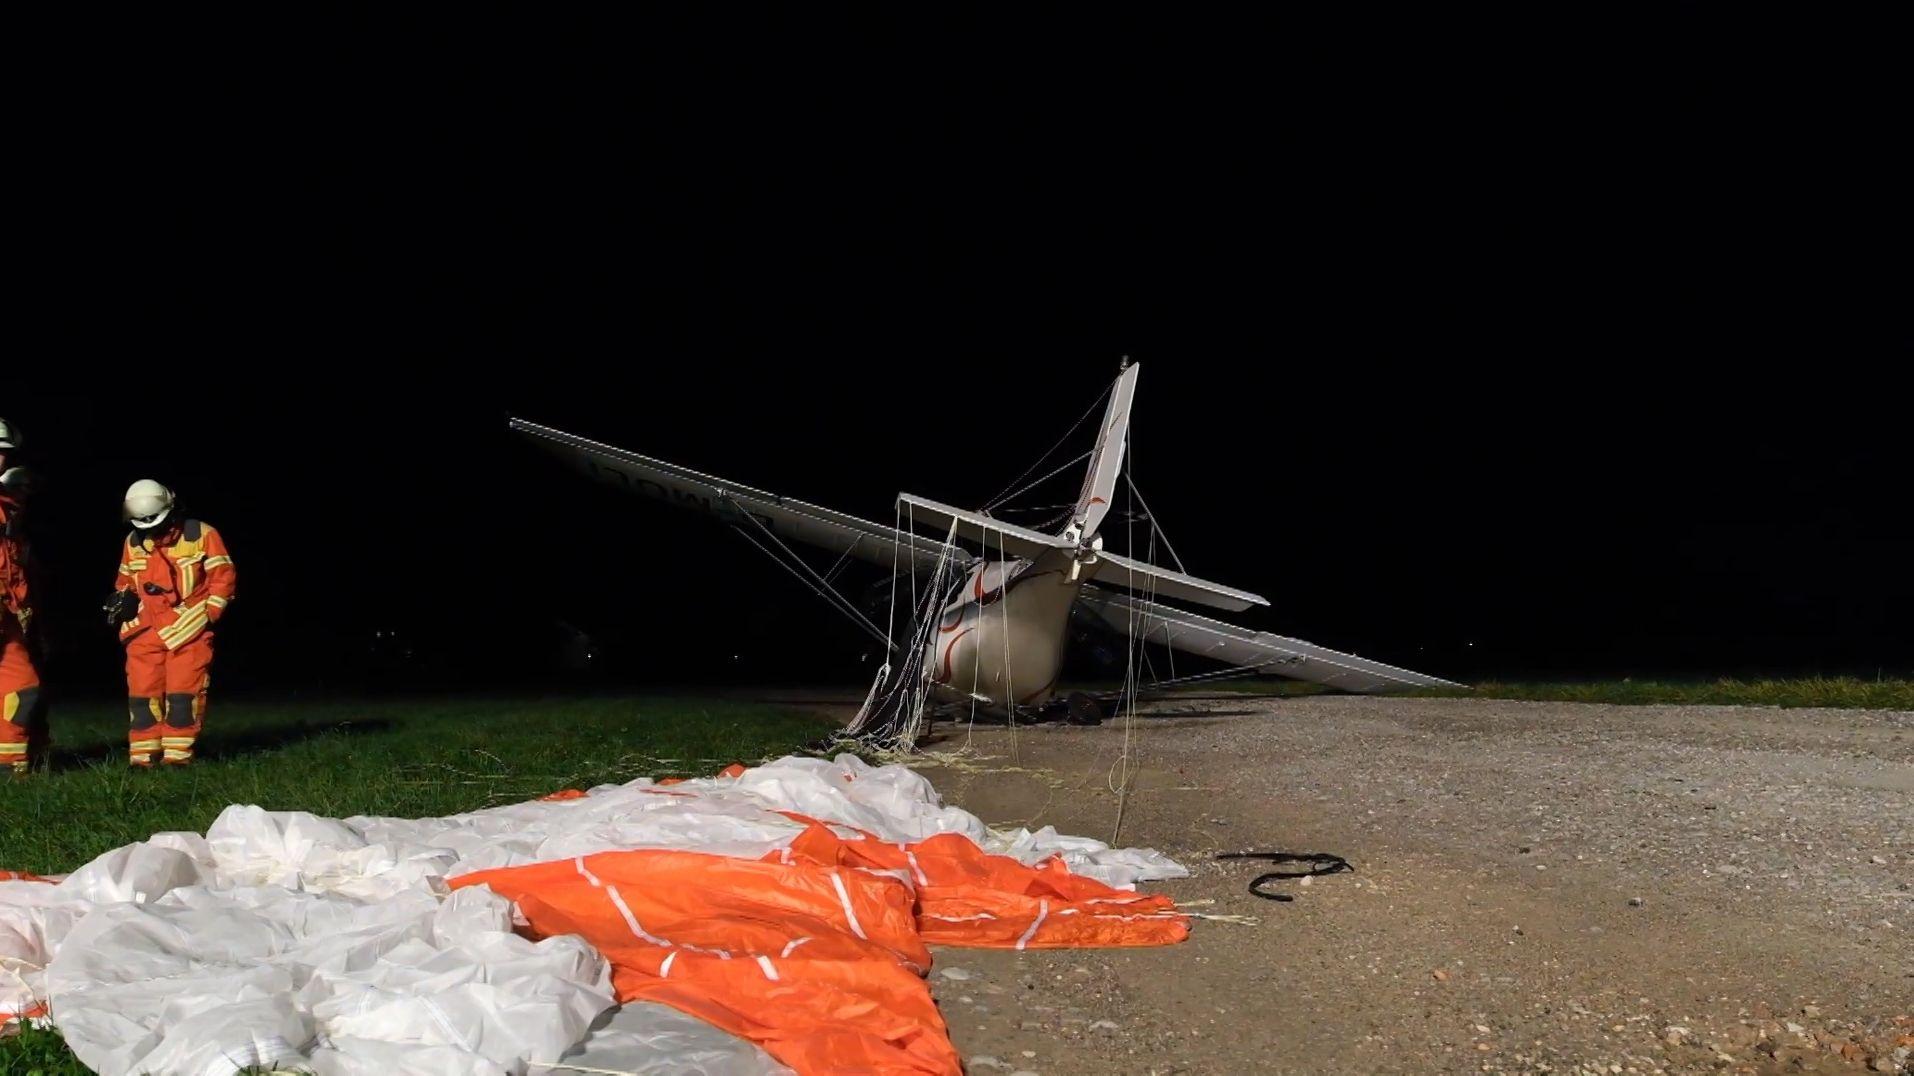 Abgestürztes Ultraleichtflugzeug mit Rettungsschirm.